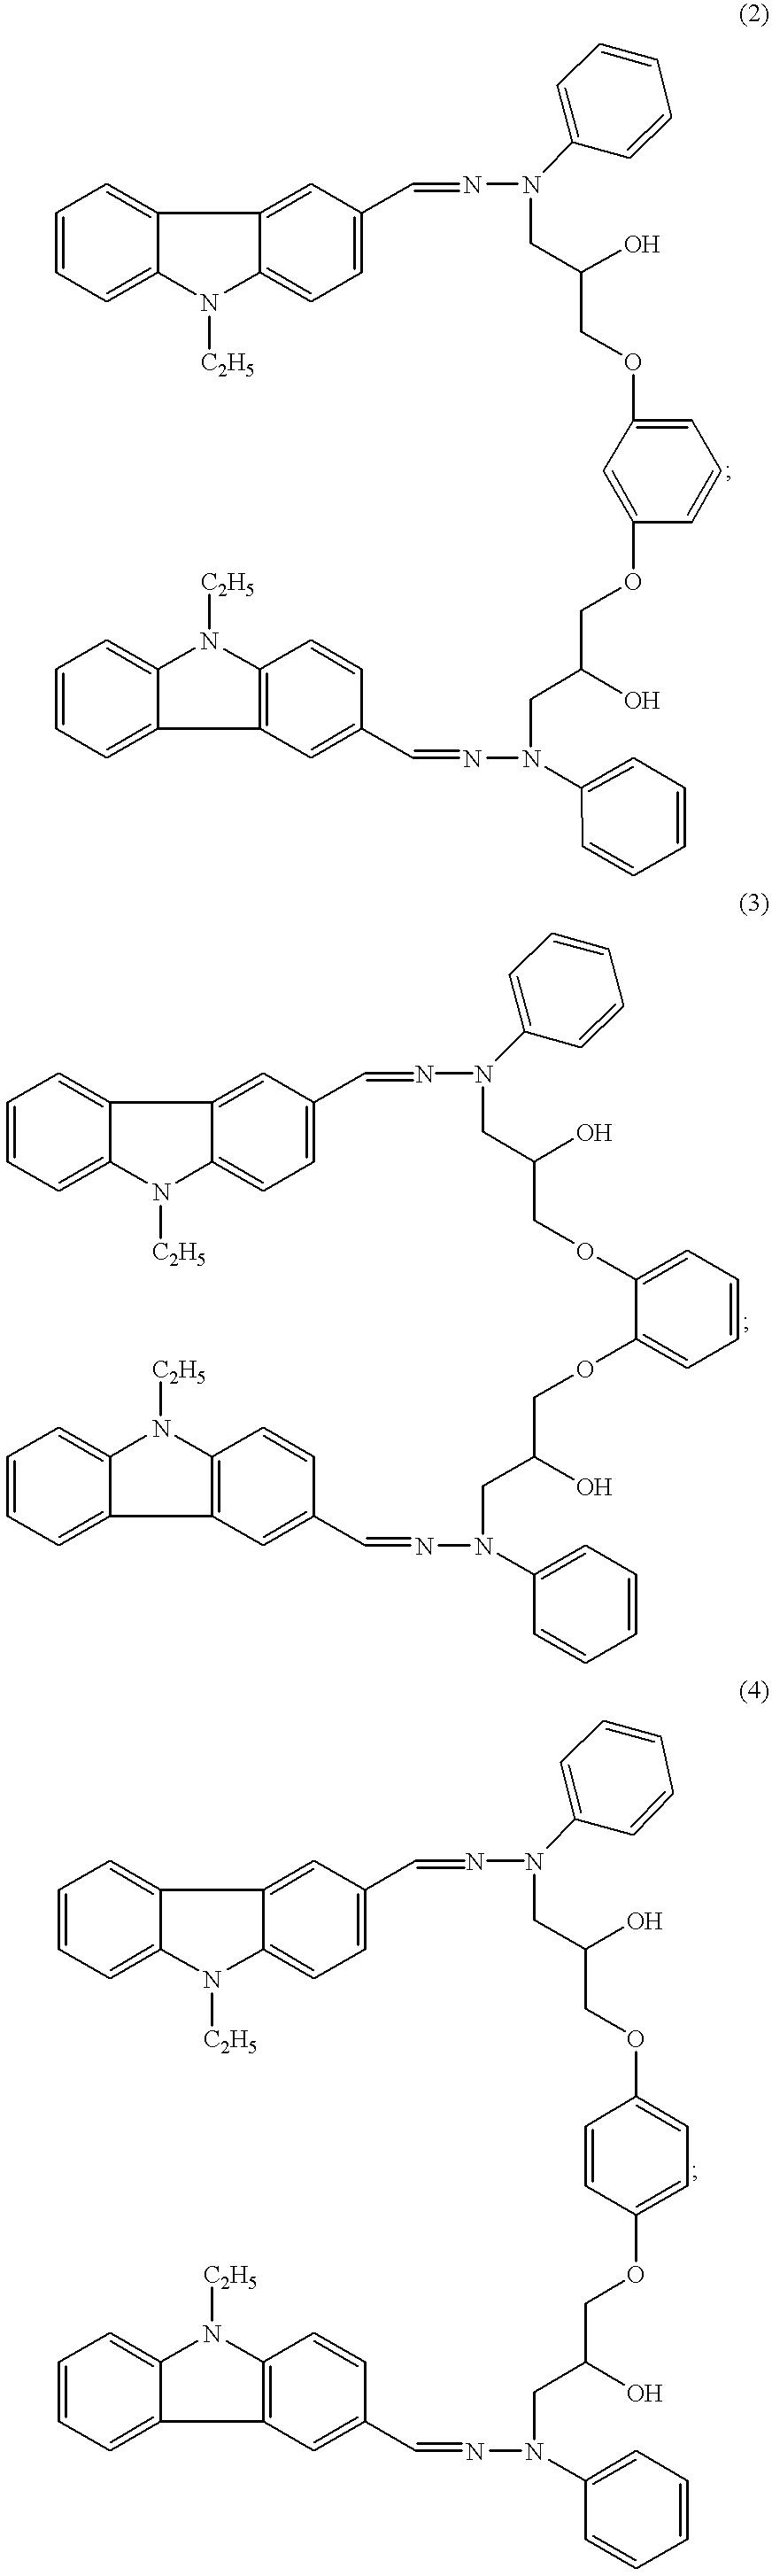 Figure US06214503-20010410-C00017